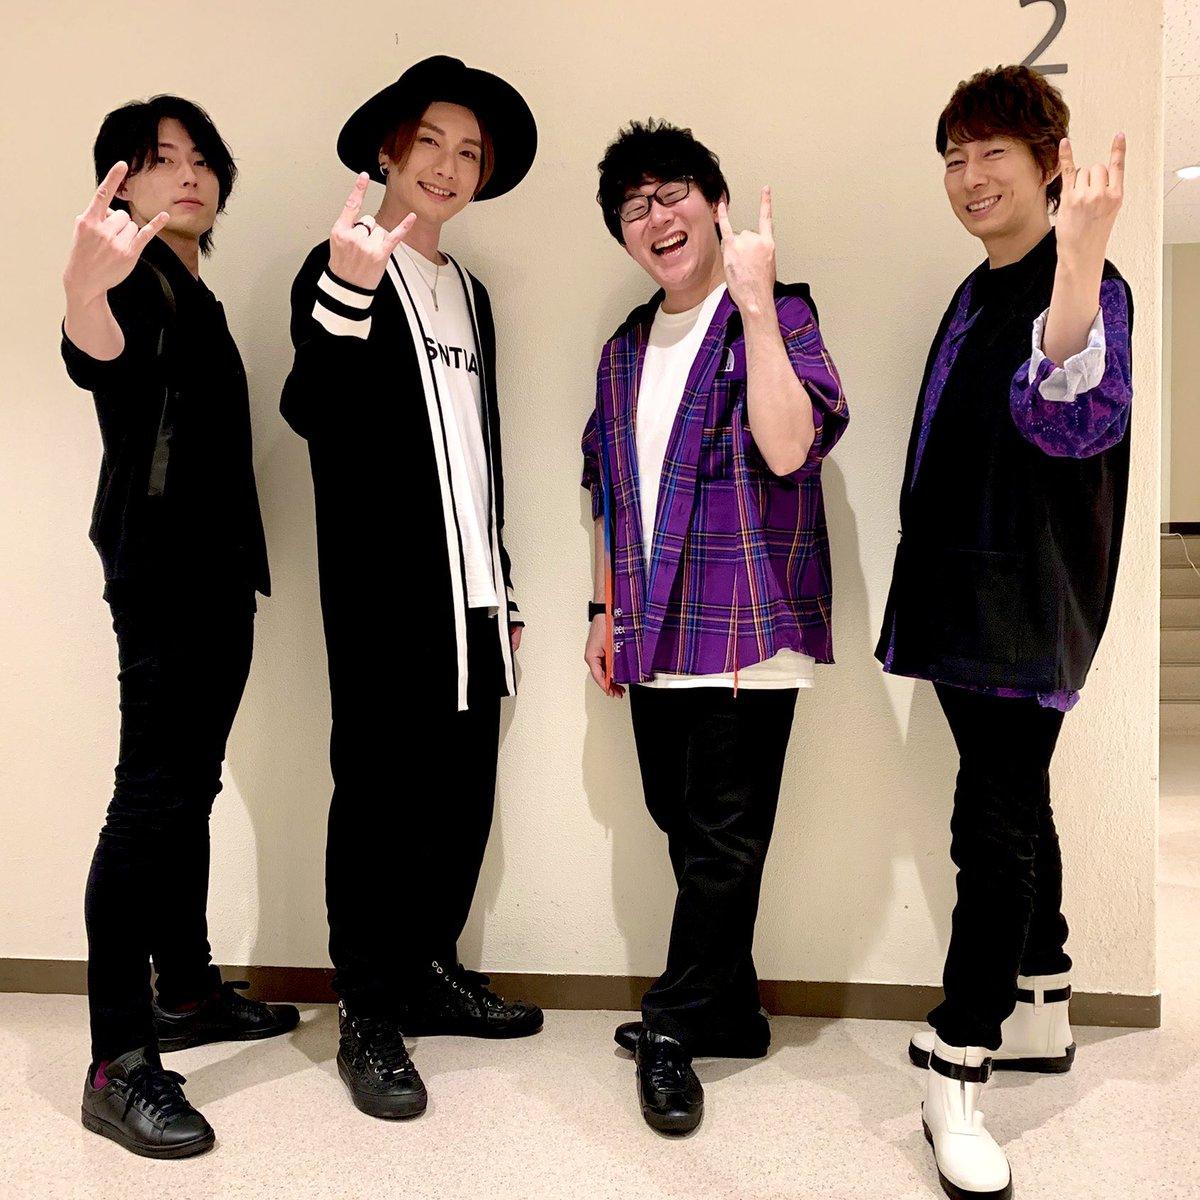 あんスタ!ファンミ大阪ご参加ありがとうございました!大阪のおいしいものも堪能させていただき、イベントも暖かく迎えてくれてありがとうございました!ツアーは始まったばかり!次は福岡で!👋🦇